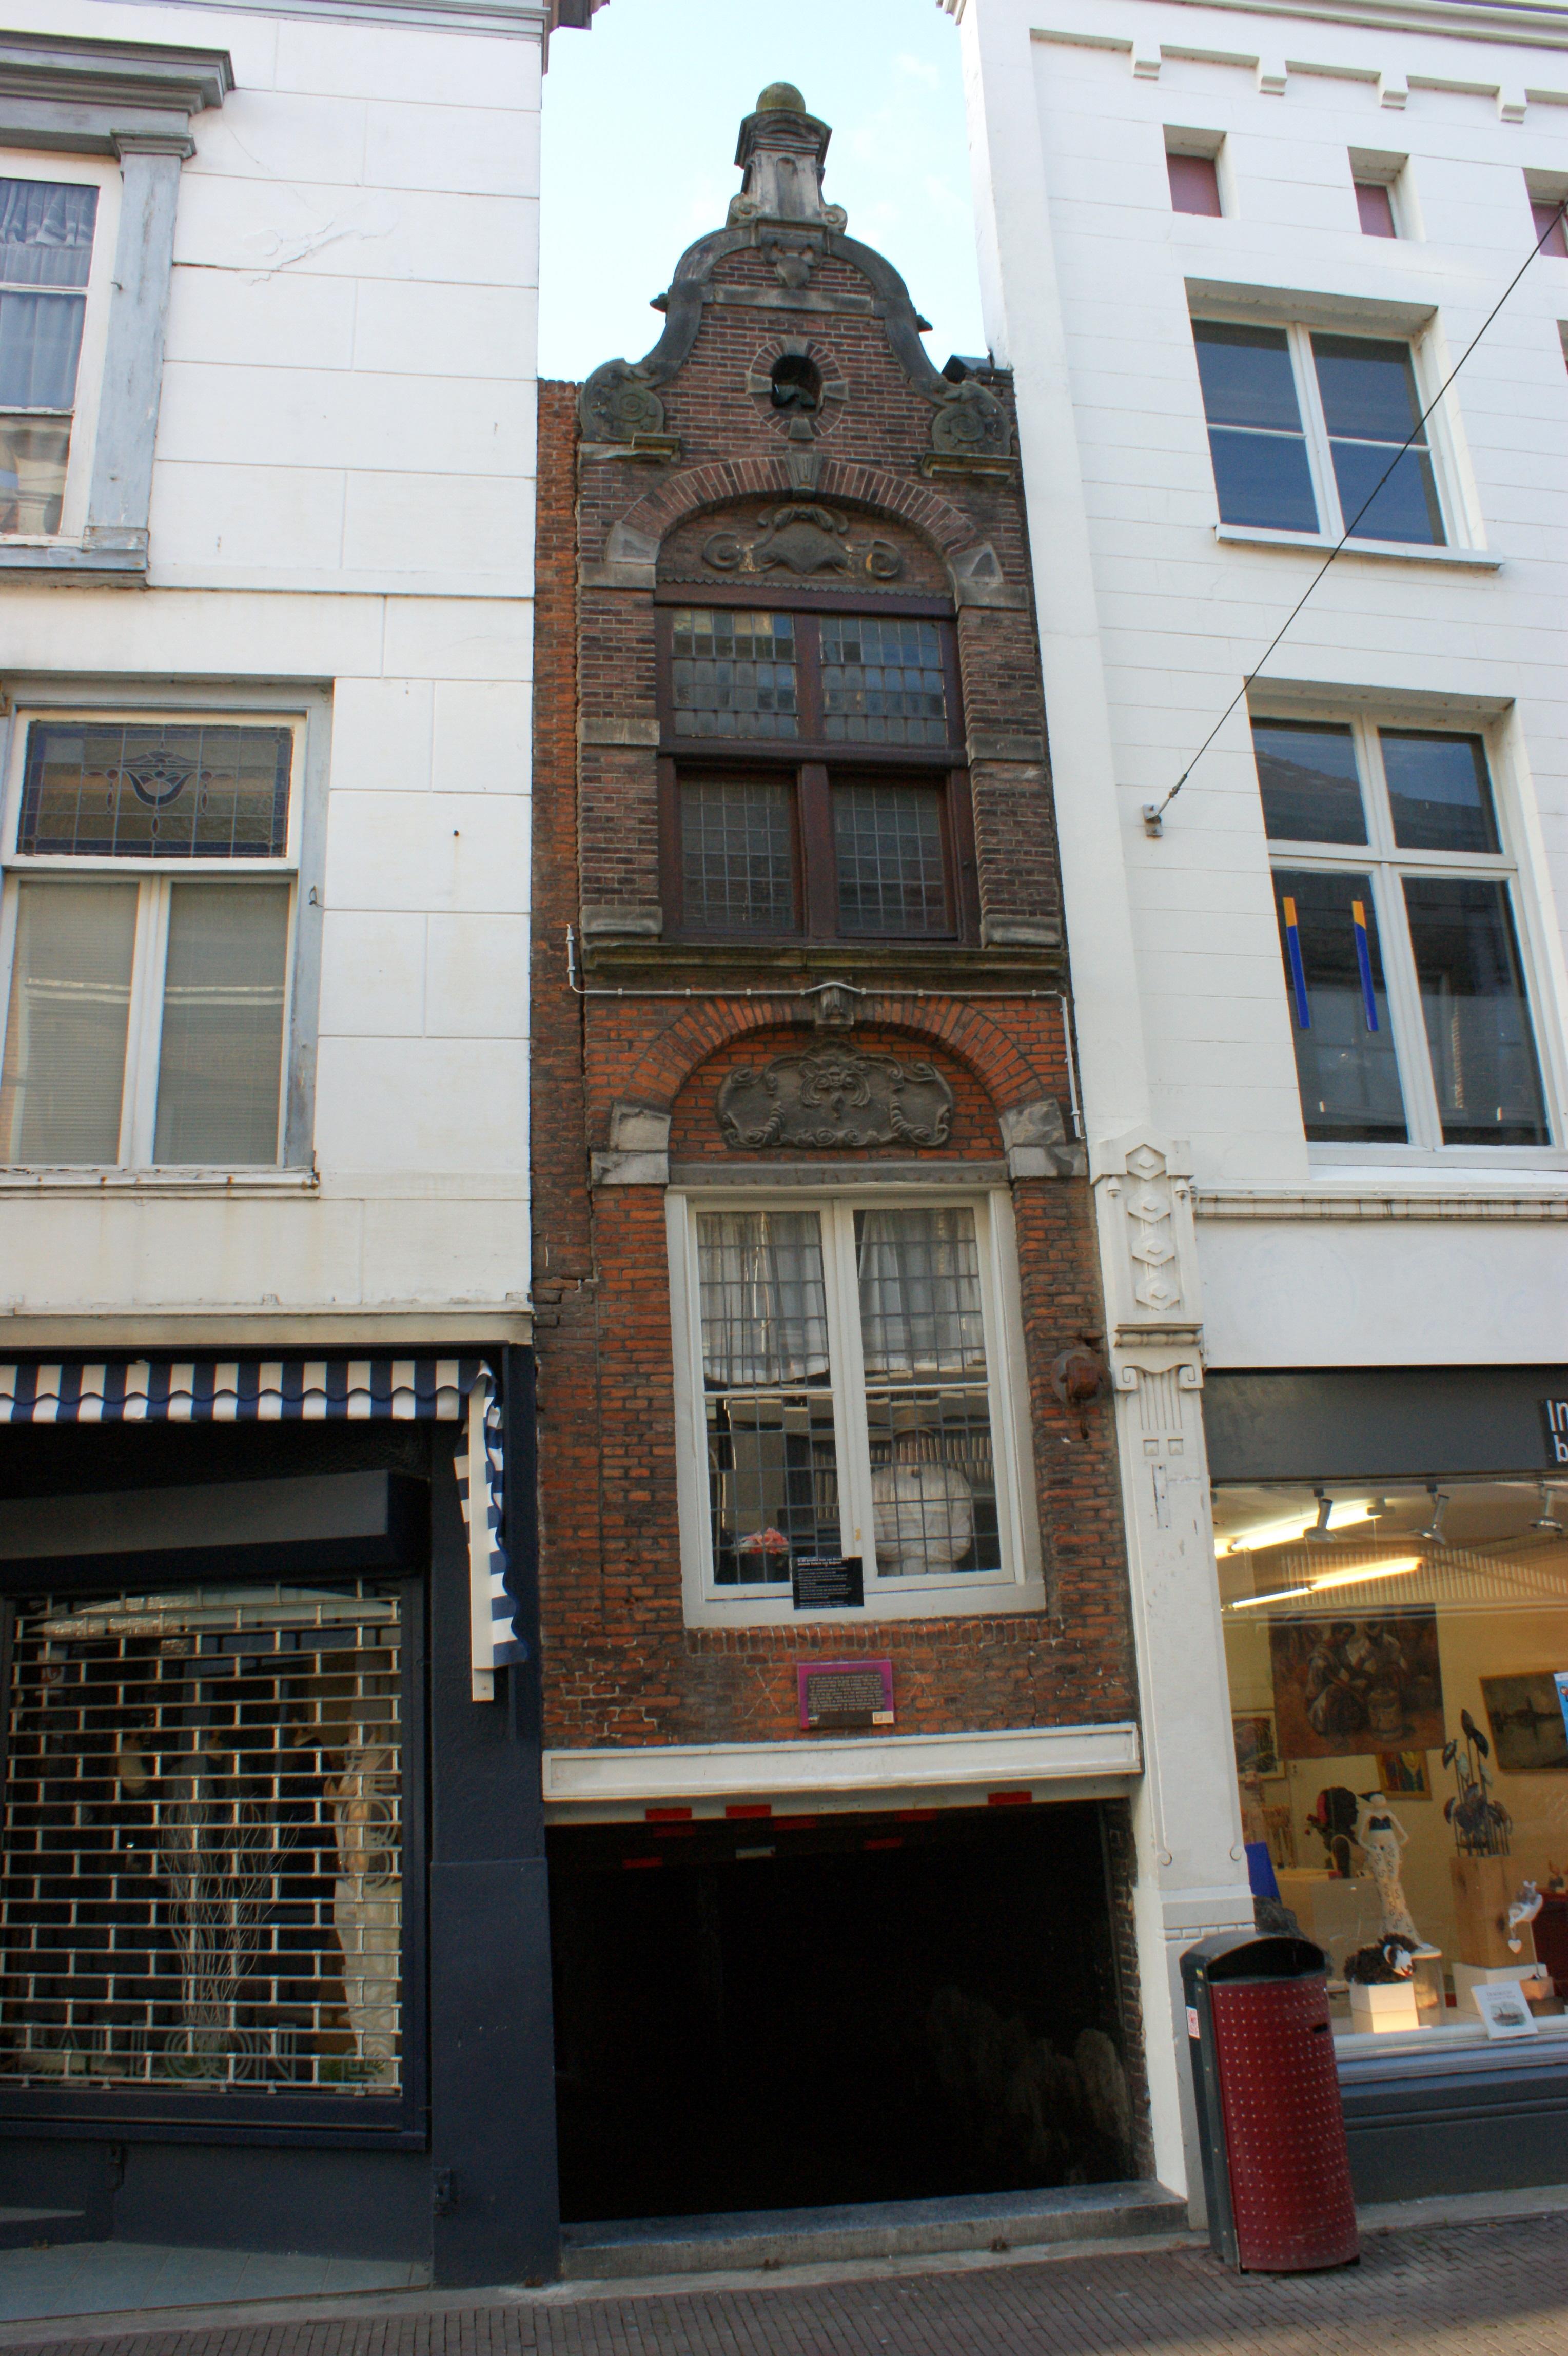 Smalste huis van dordrecht pand met smalle gevel een vensteras breed gebouwd boven de - Kroonluchter huis van de wereld ...